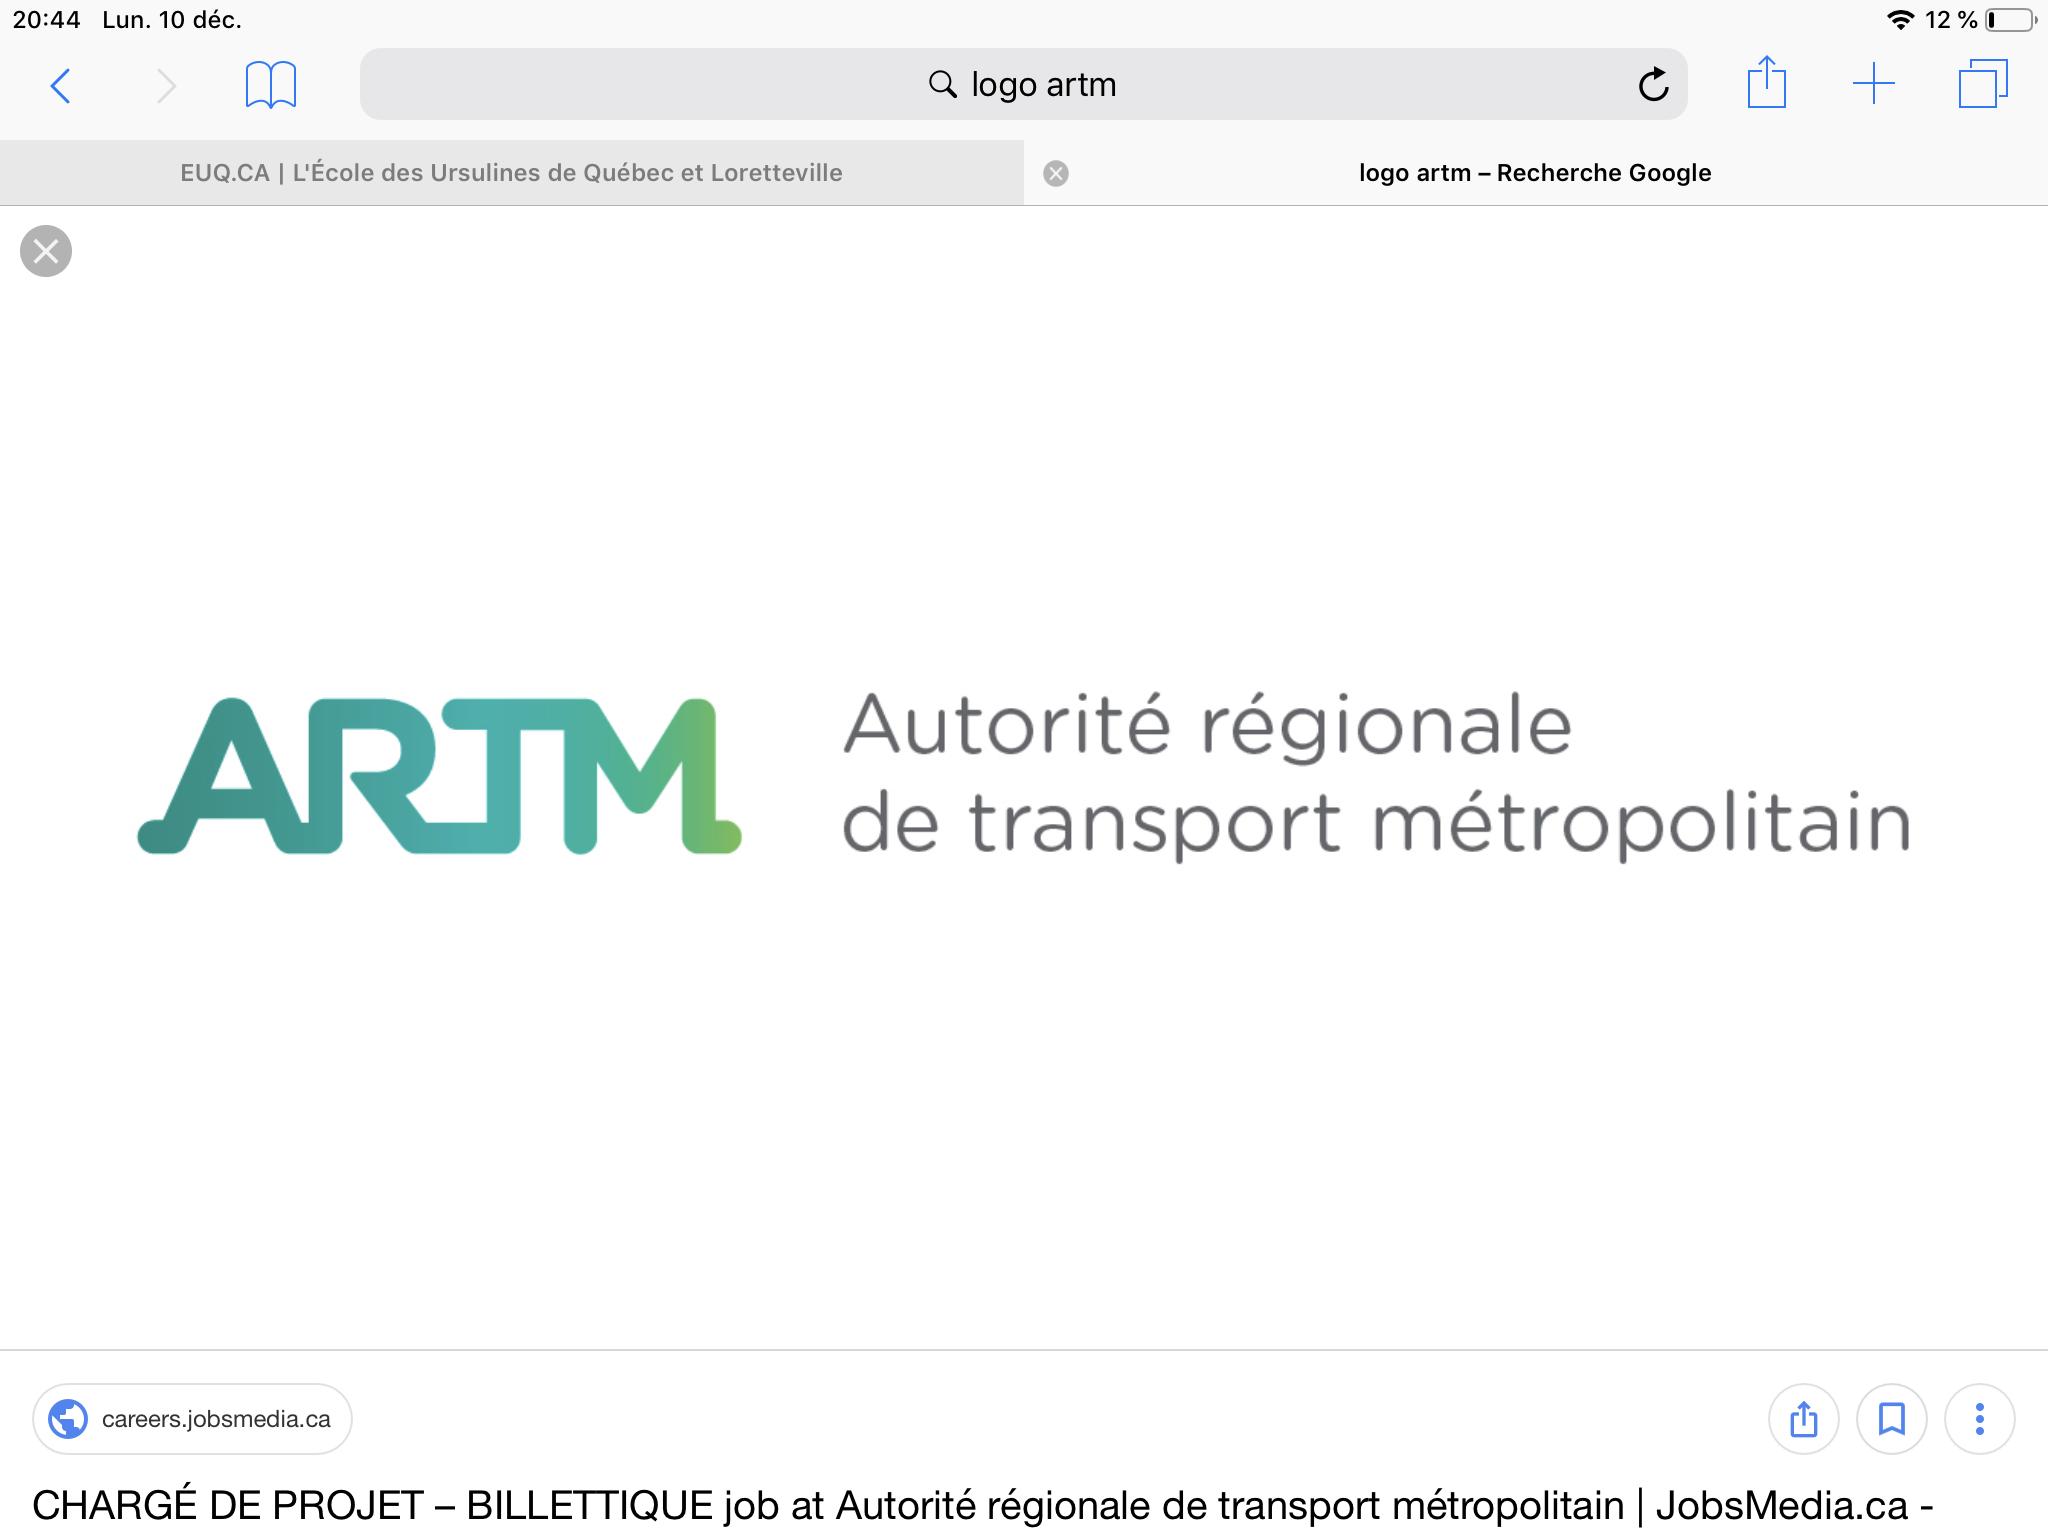 Agence Régionale de Transport Métropolitain